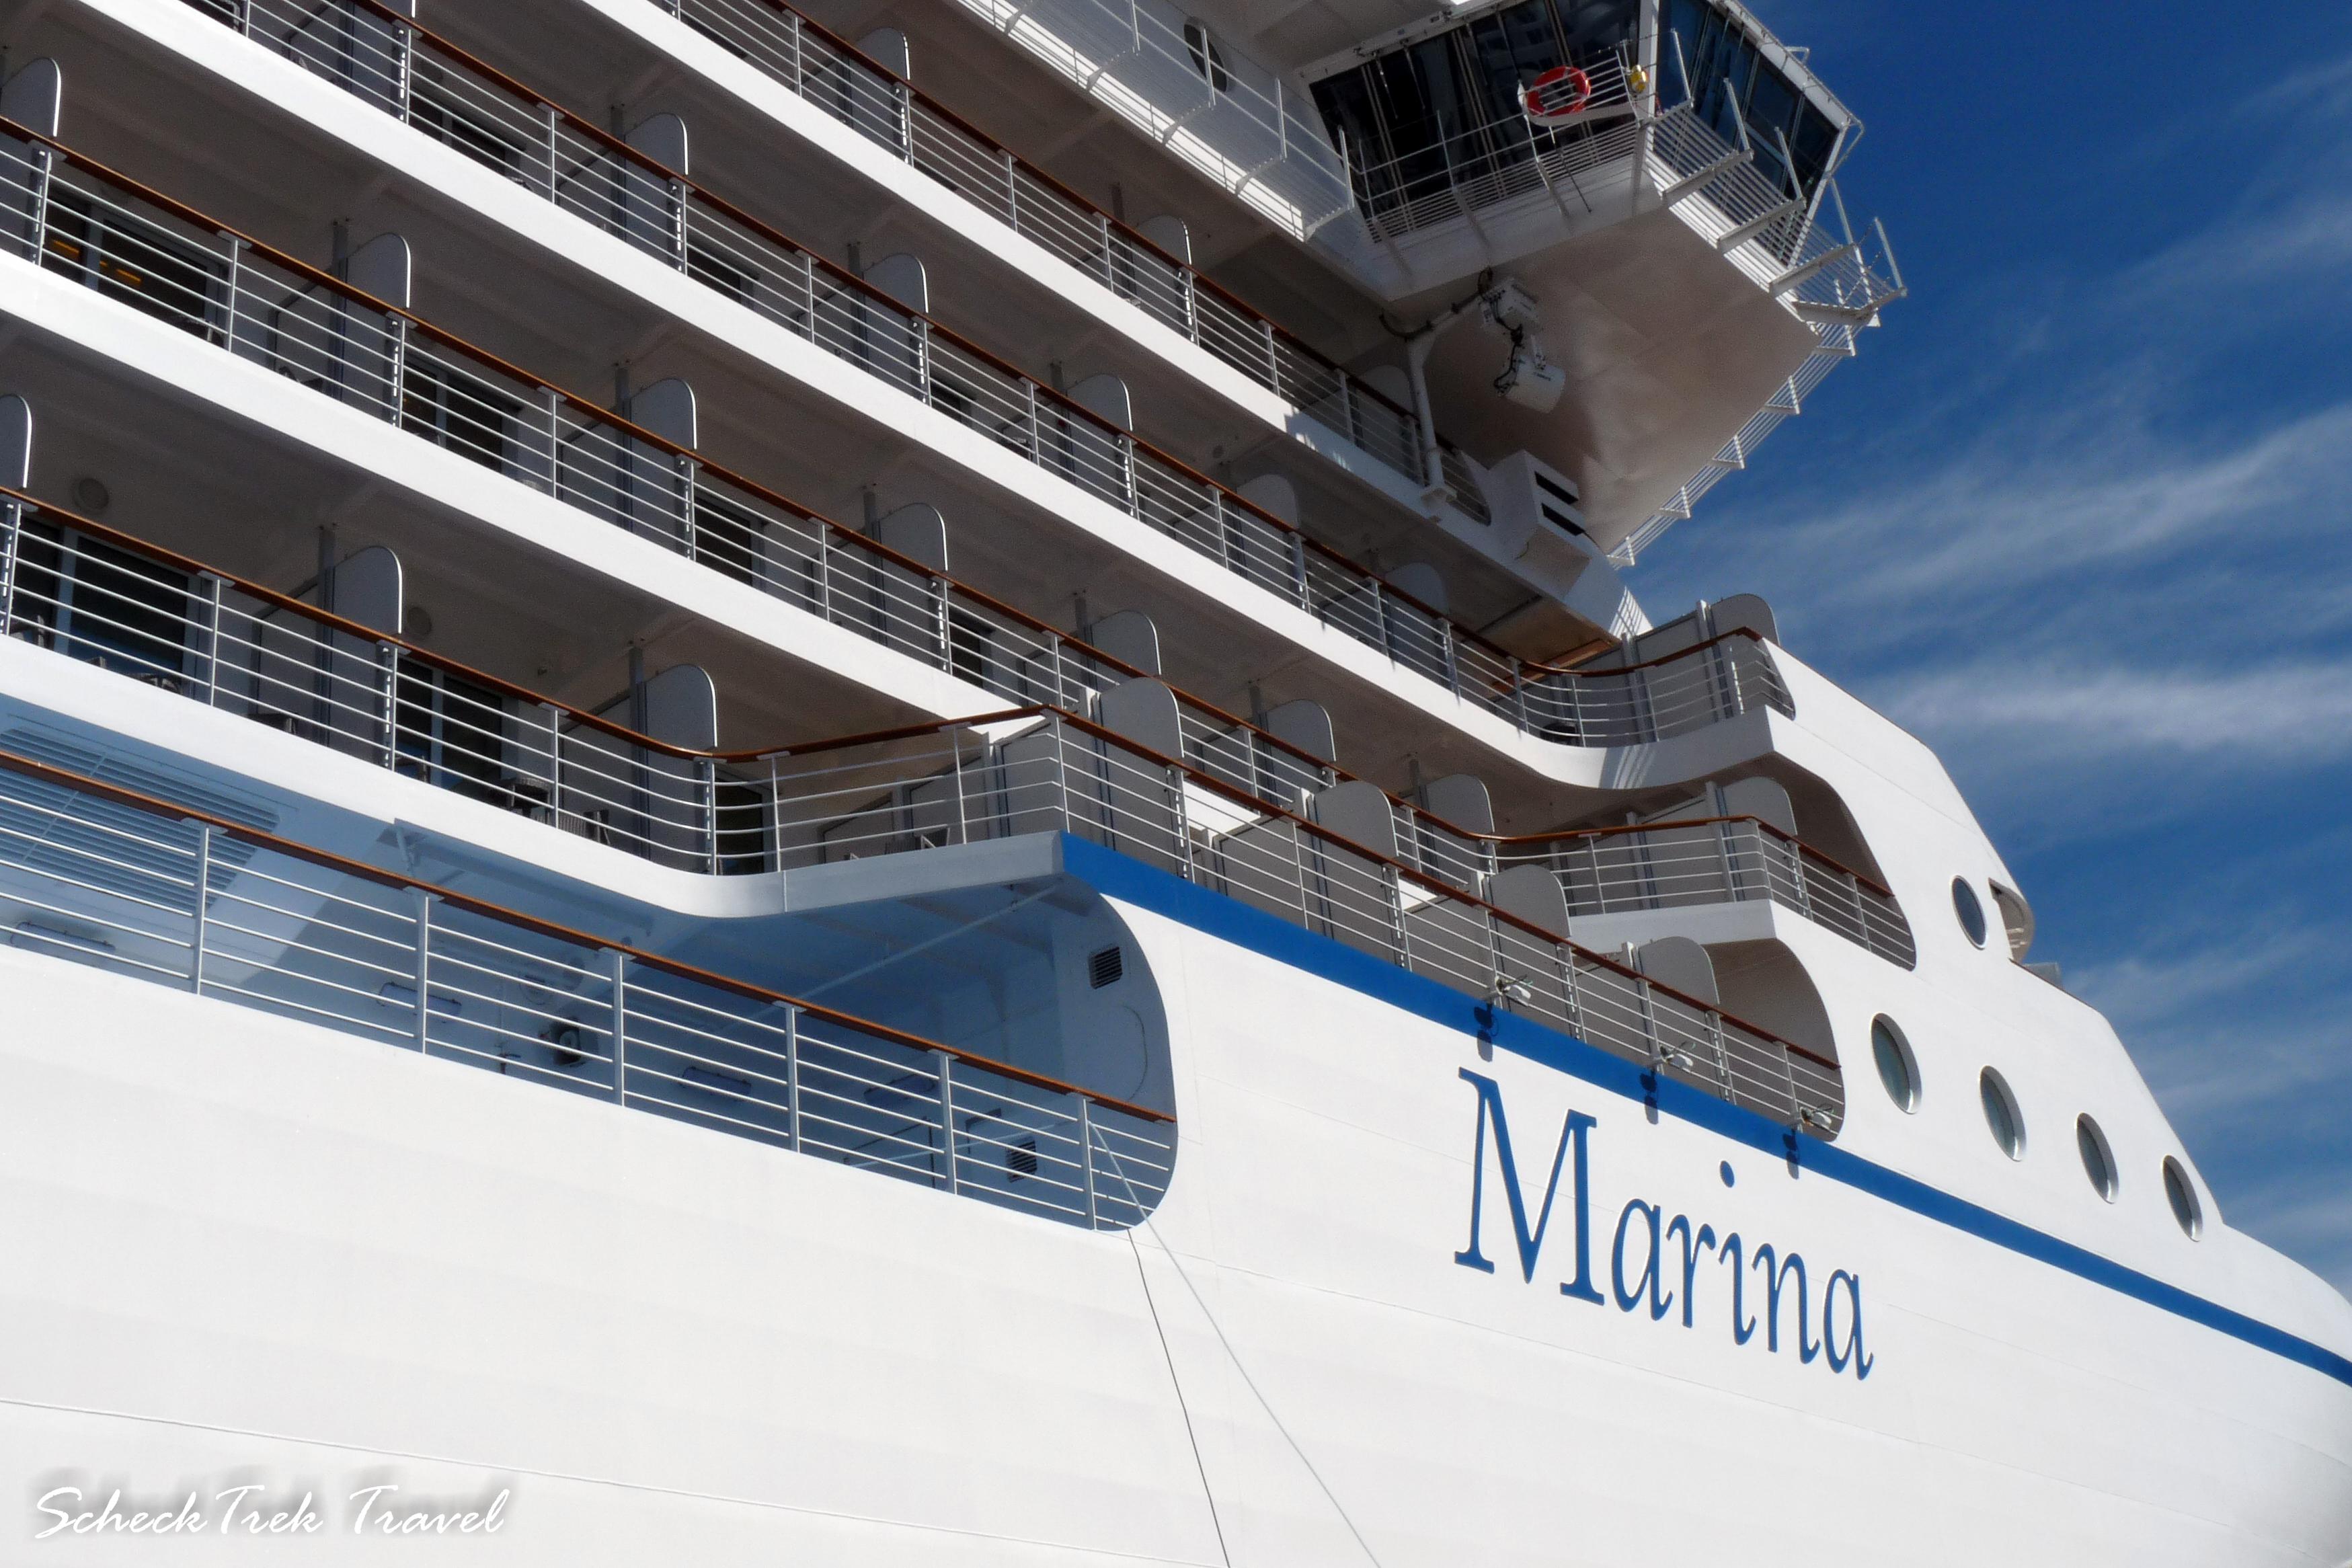 Oceania's ship, Marina